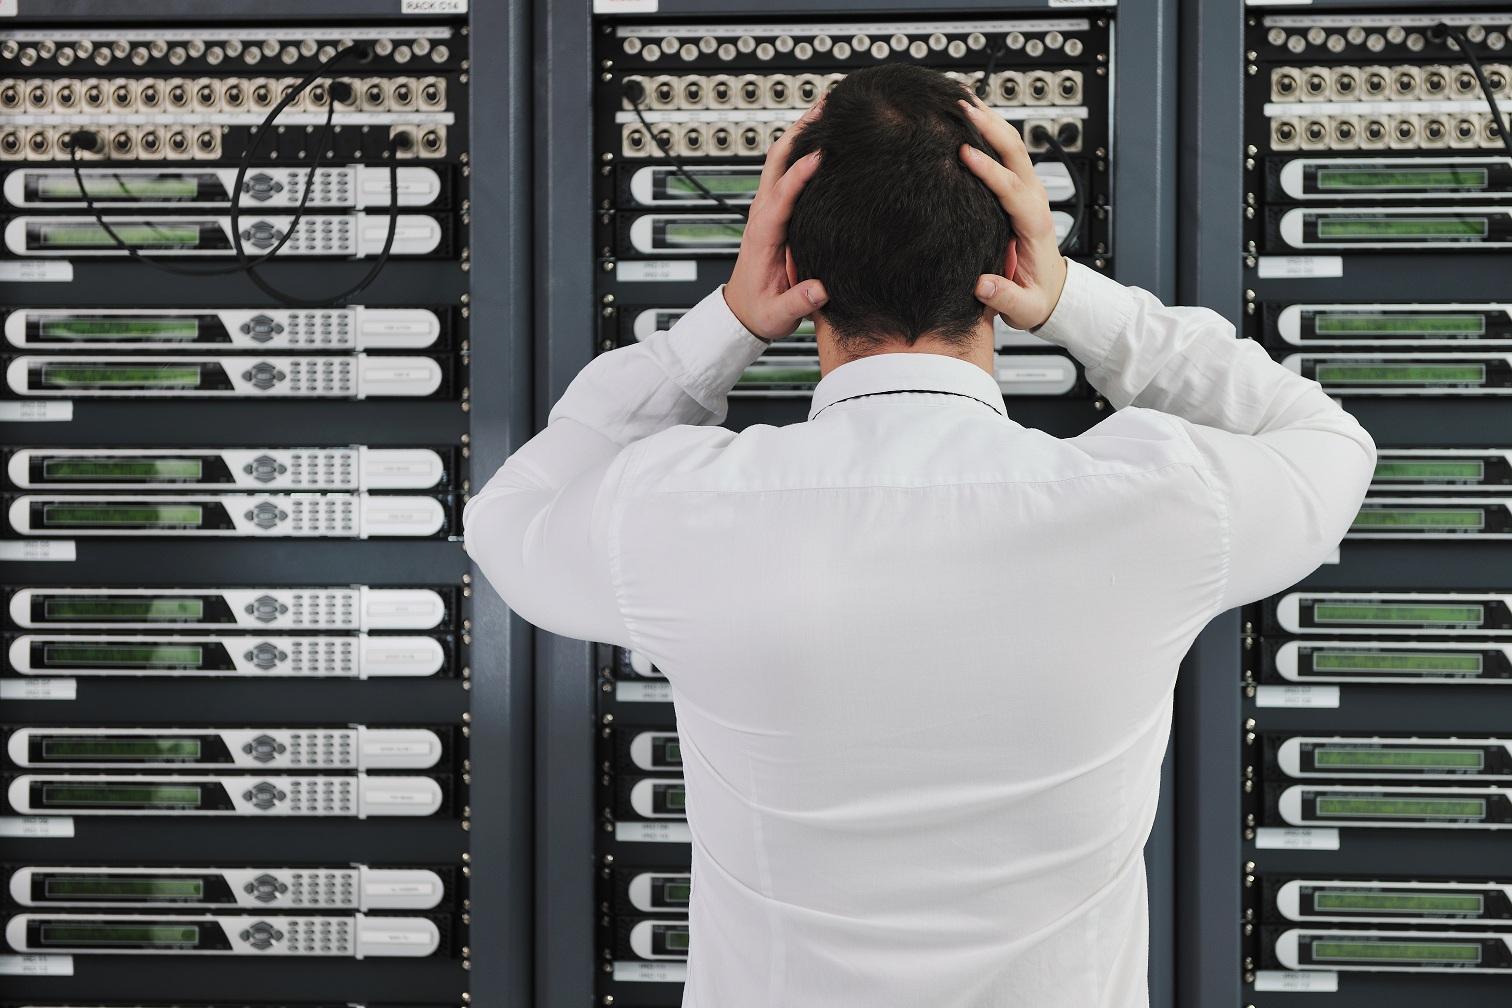 как получить хостинг и домен